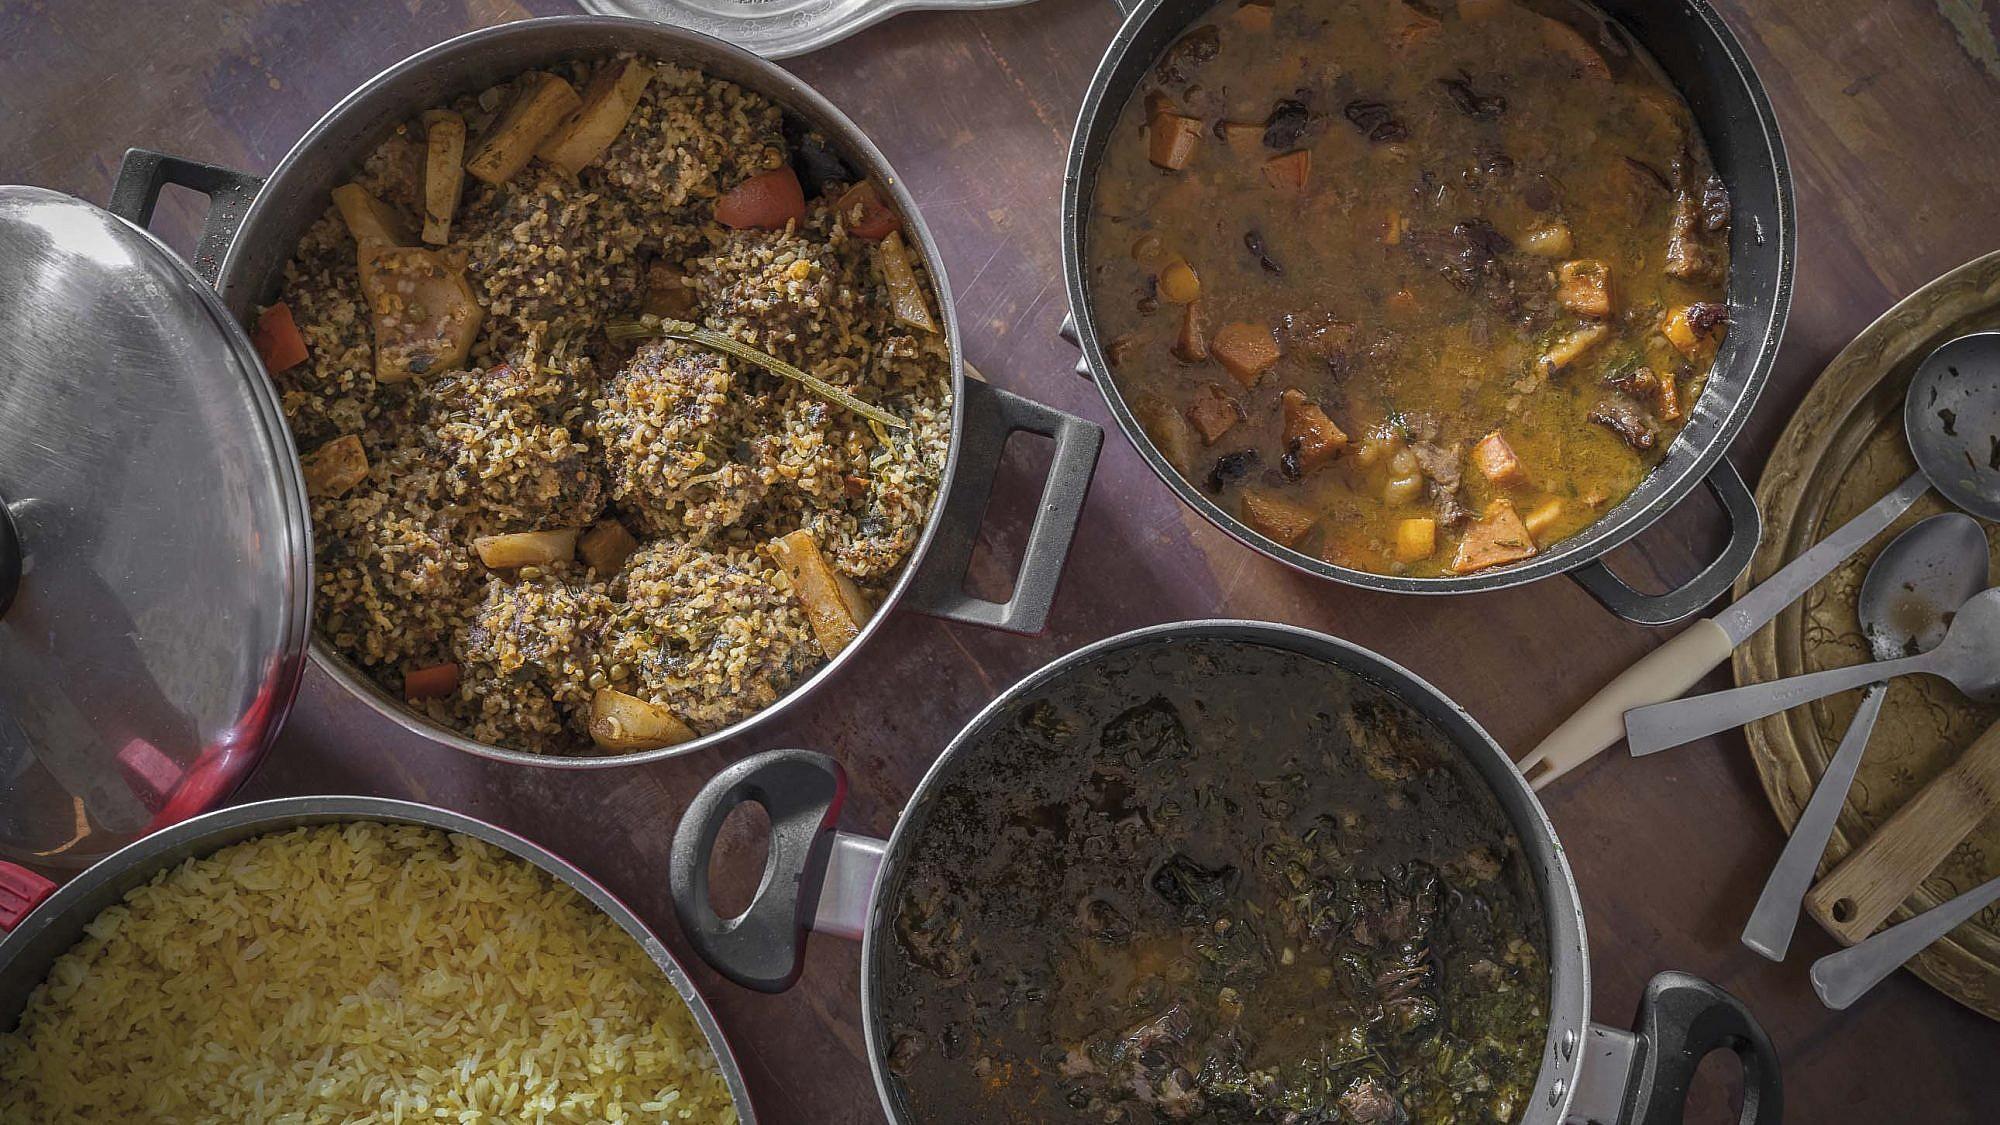 תבשילים פרסיים של דבורה כהן זאדה. צילום: אנטולי מיכאלו